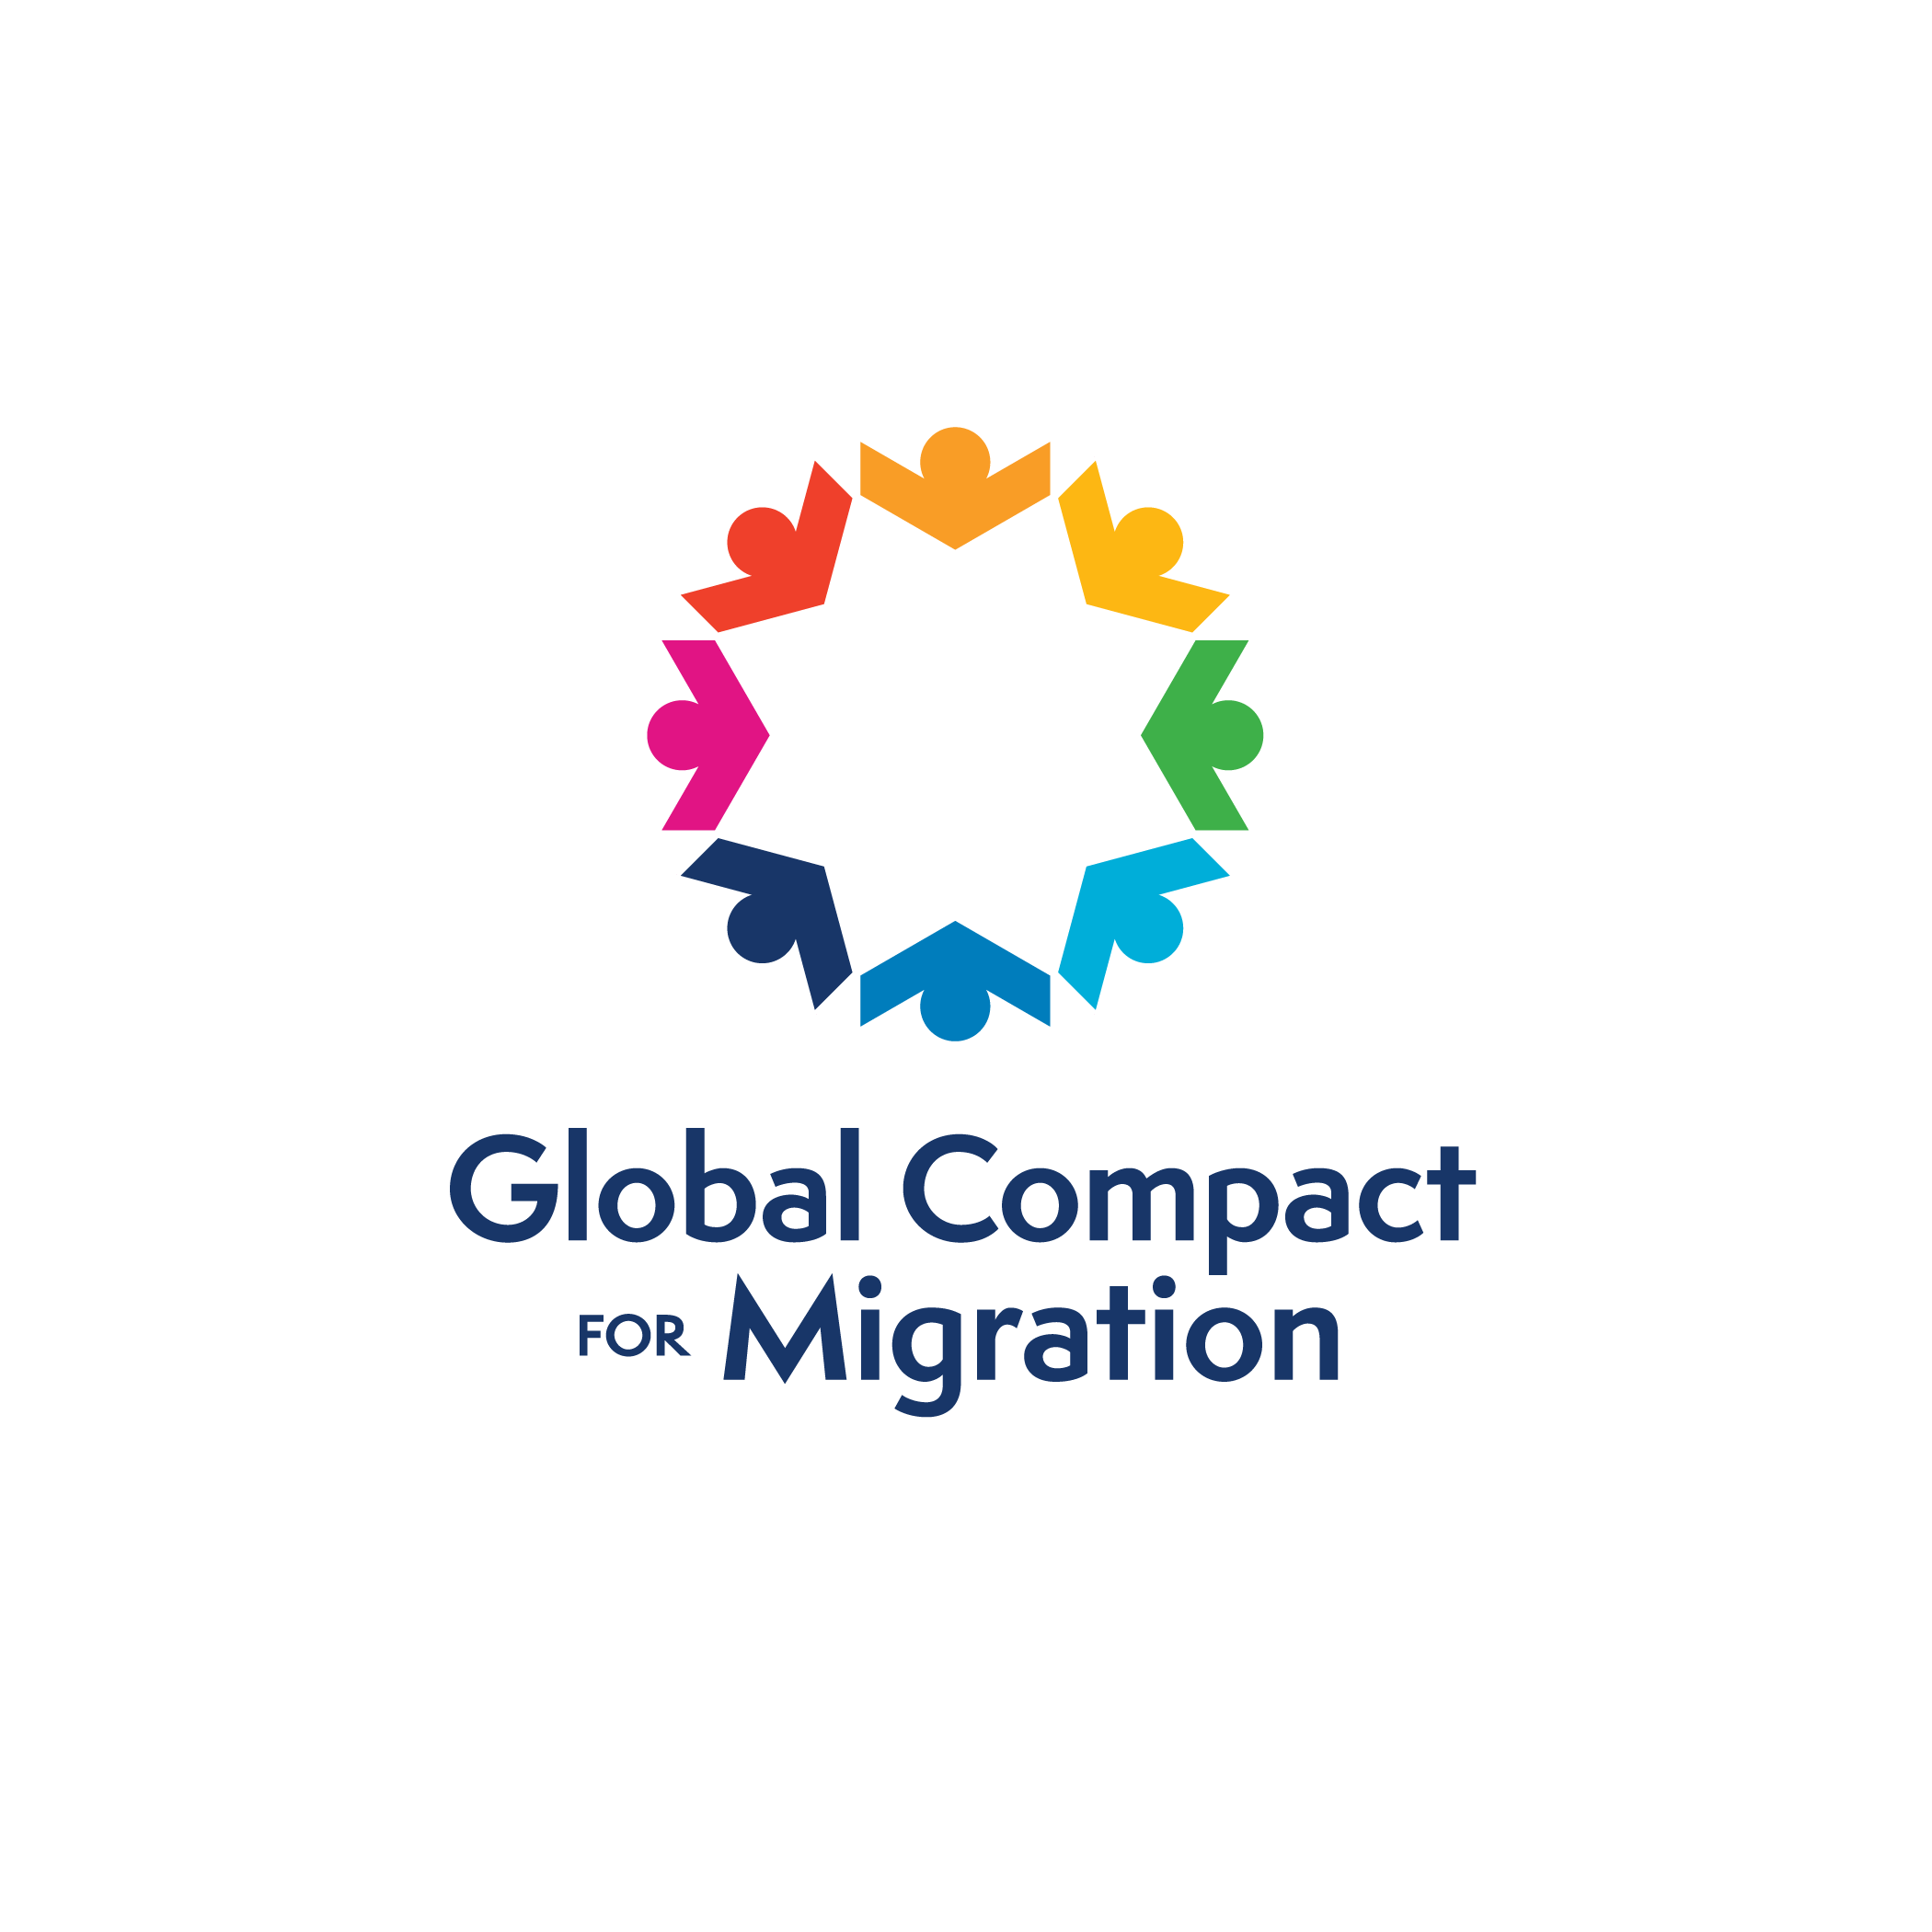 UN global migration compact logo